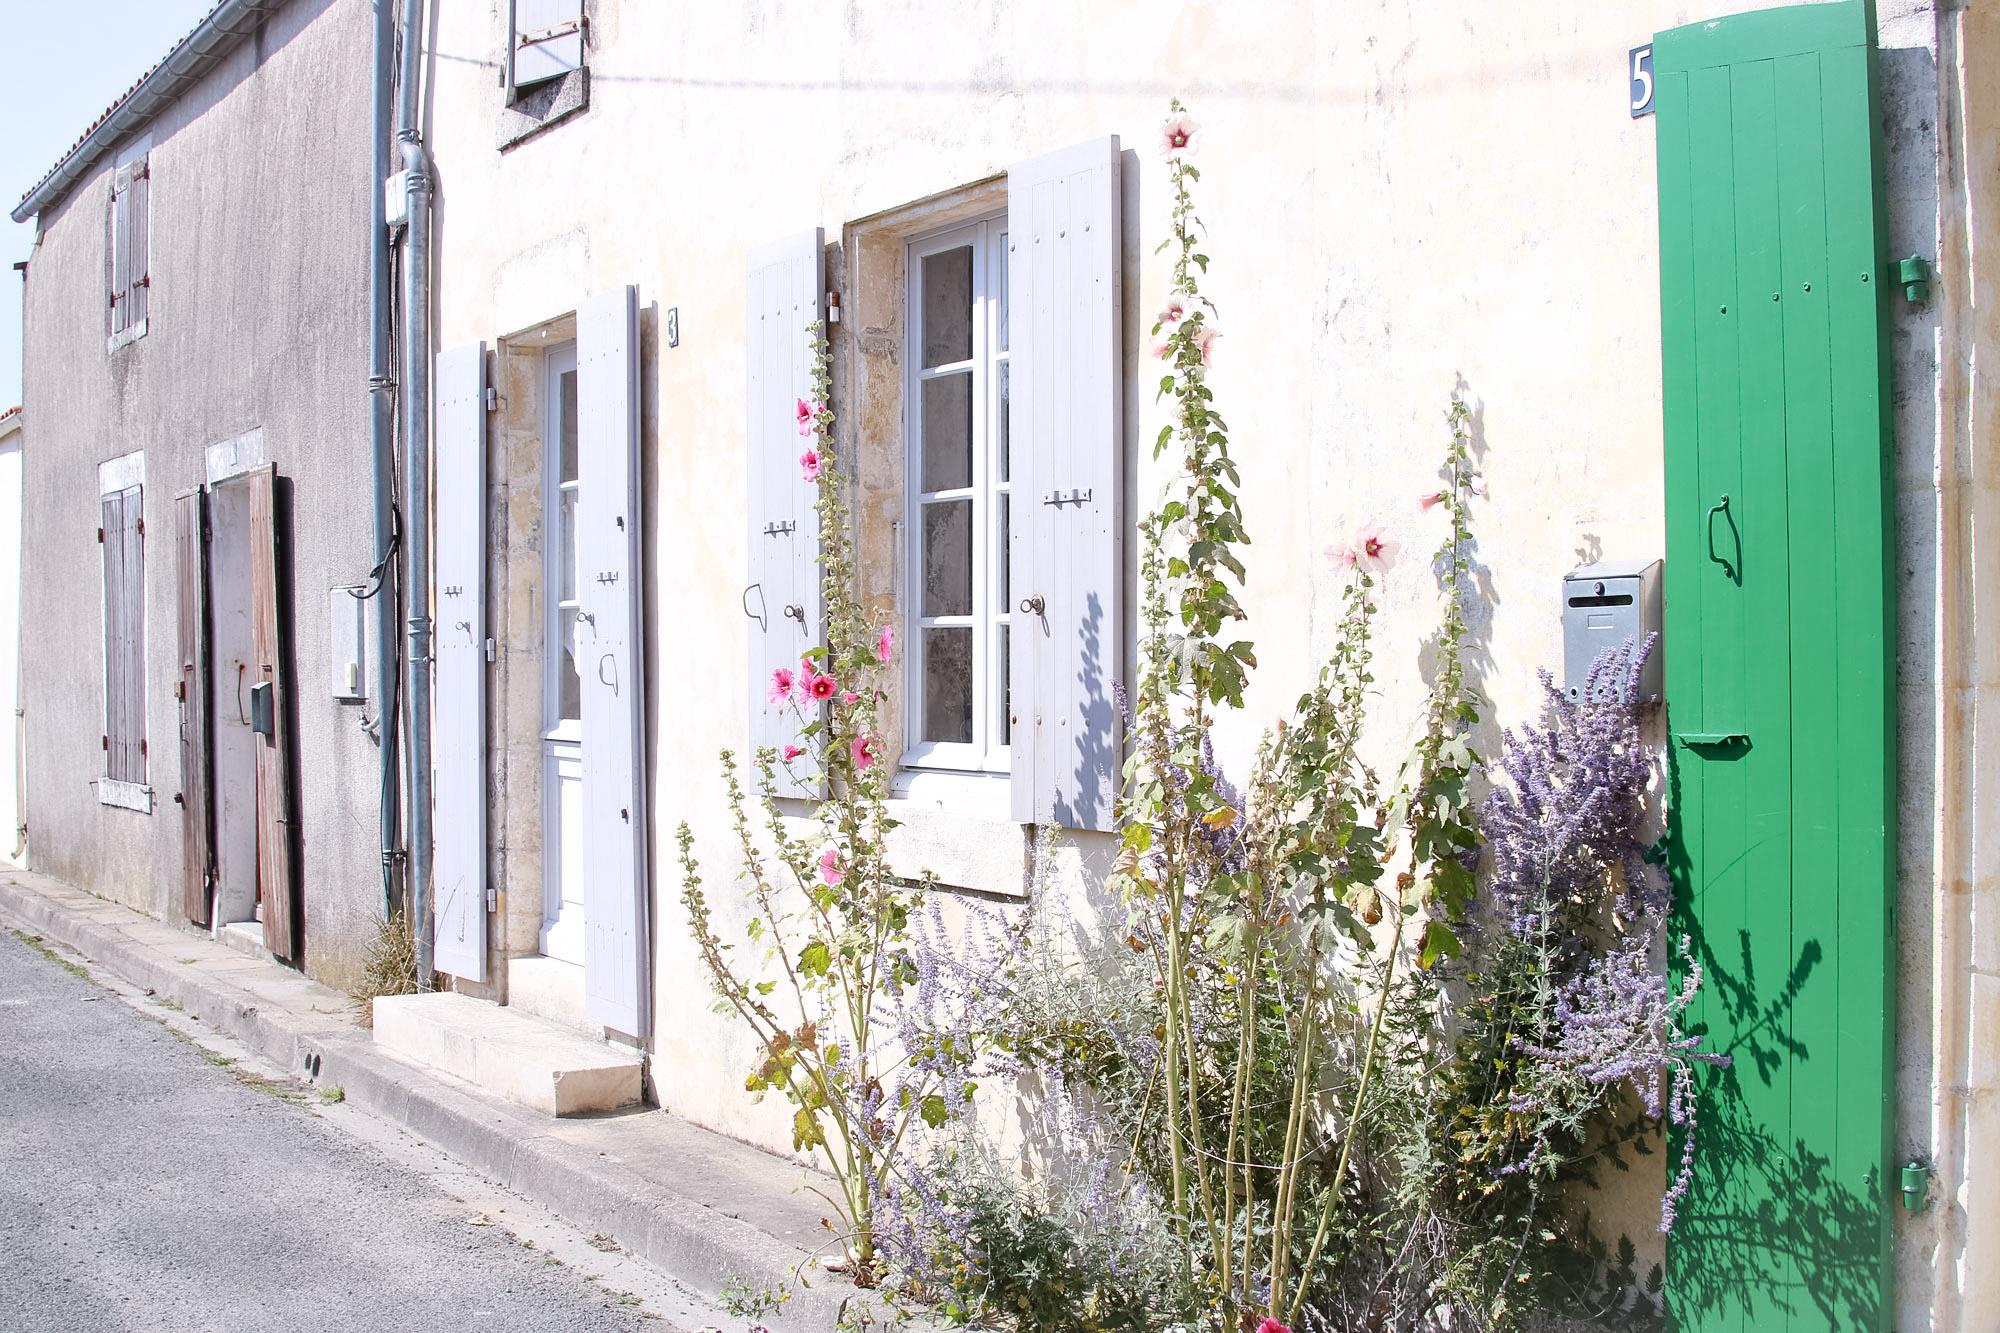 Elodie-Blog-village-arceau